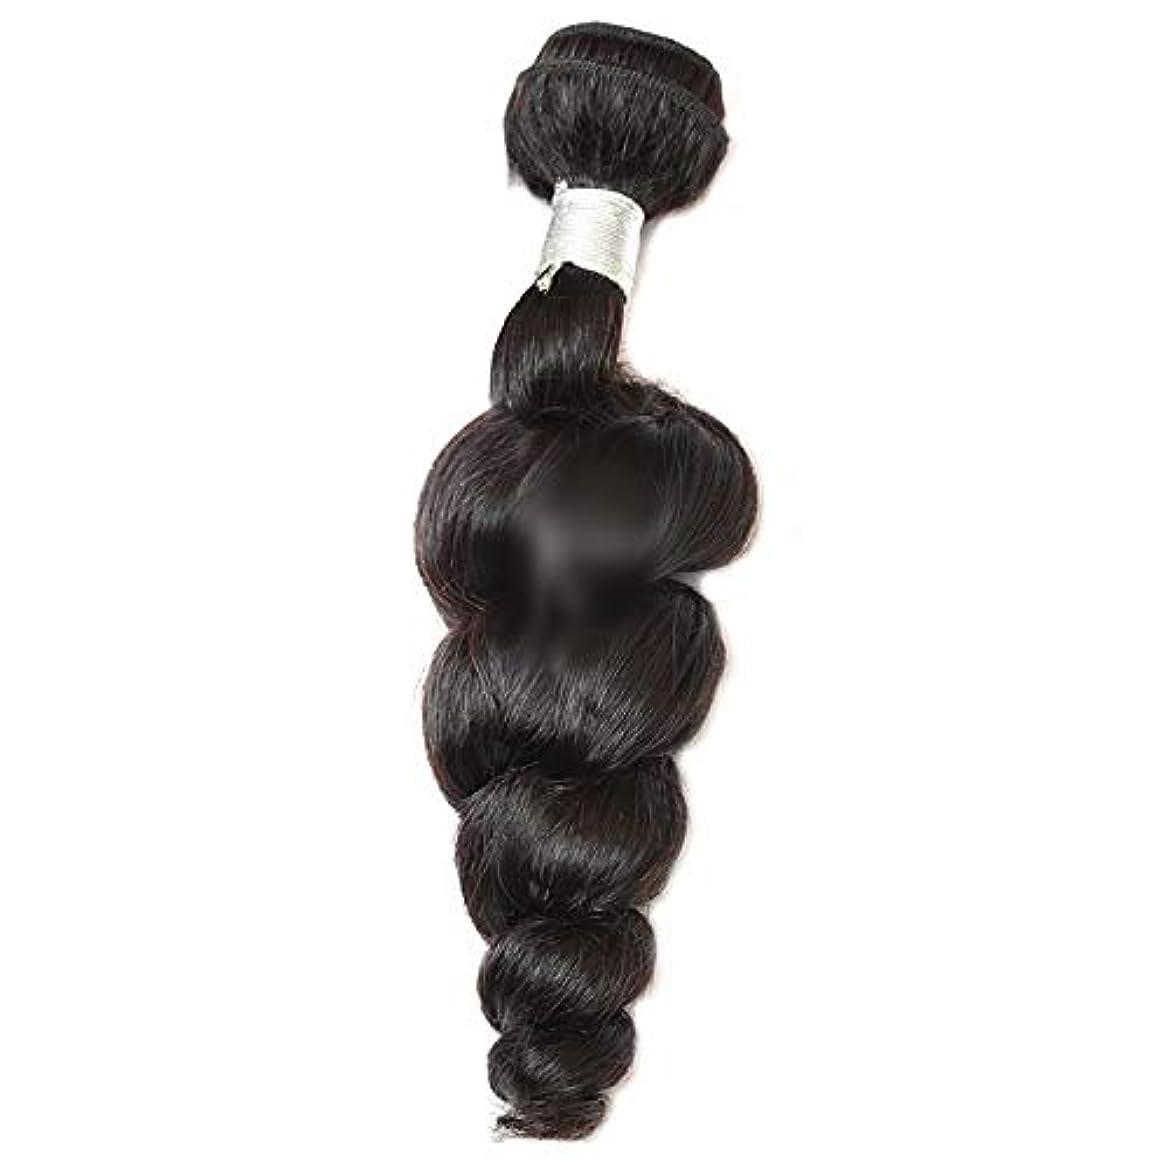 精緻化重力求めるHOHYLLYA 8aブラジル髪バンドルバージンルースウェーブ人間の毛延長ナチュラルブラックカラーロールプレイングかつら女性の自然なかつら (色 : 黒, サイズ : 26 inch)